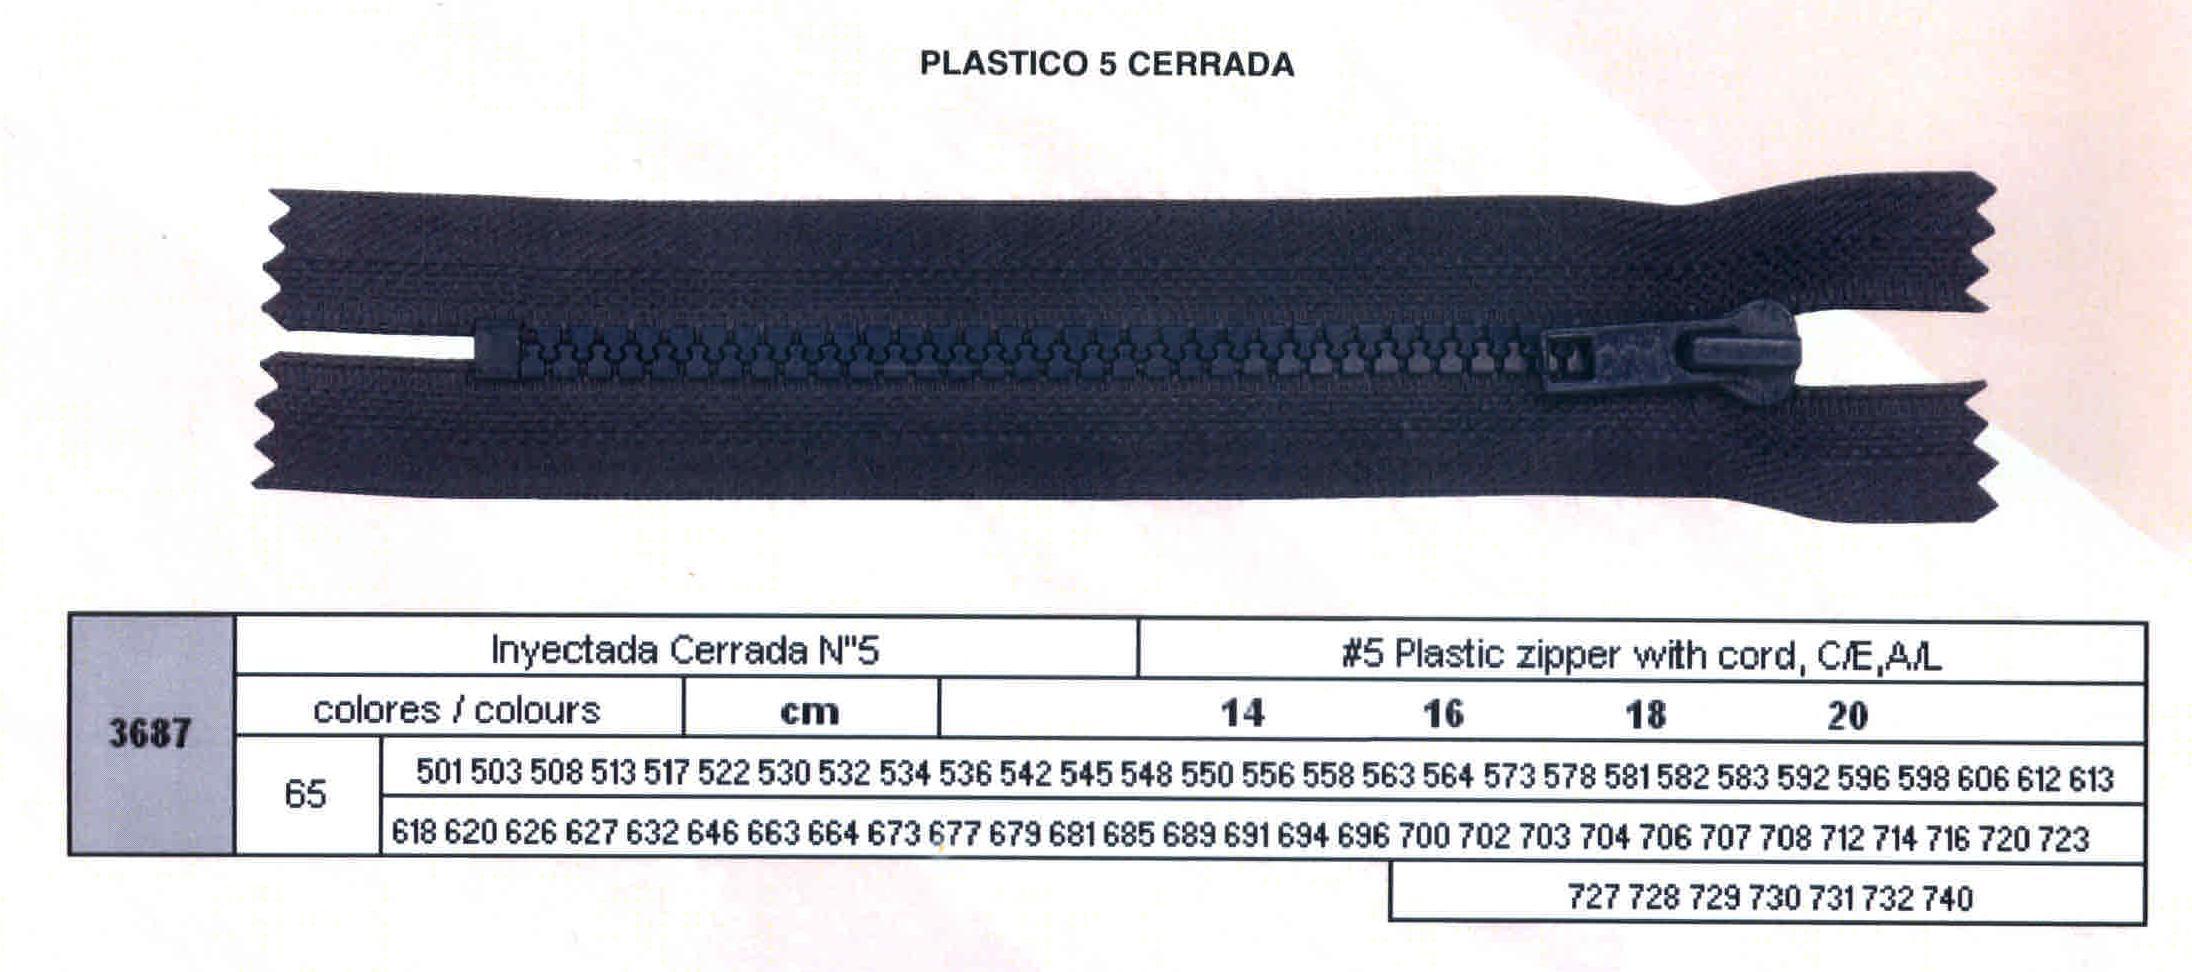 Cremallera SNS Inyectada Cerrada num. 5